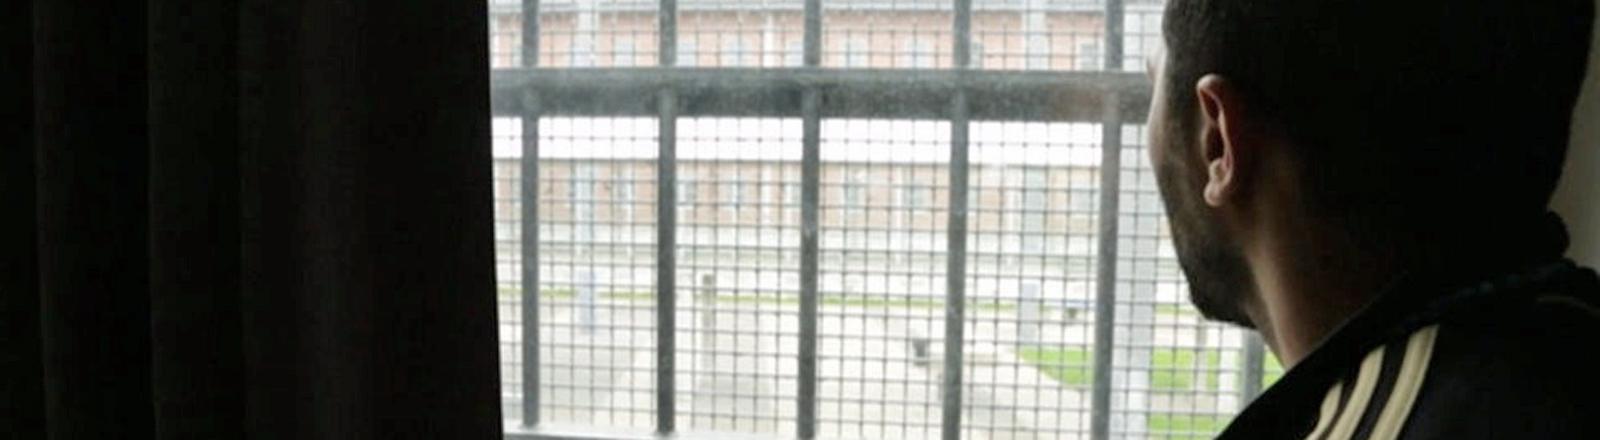 """Eine Szene aus der WDR-Dokumentation """"Moscheebau hinter Gittern"""": Ein Mann schaut durch ein Gitterfenster."""